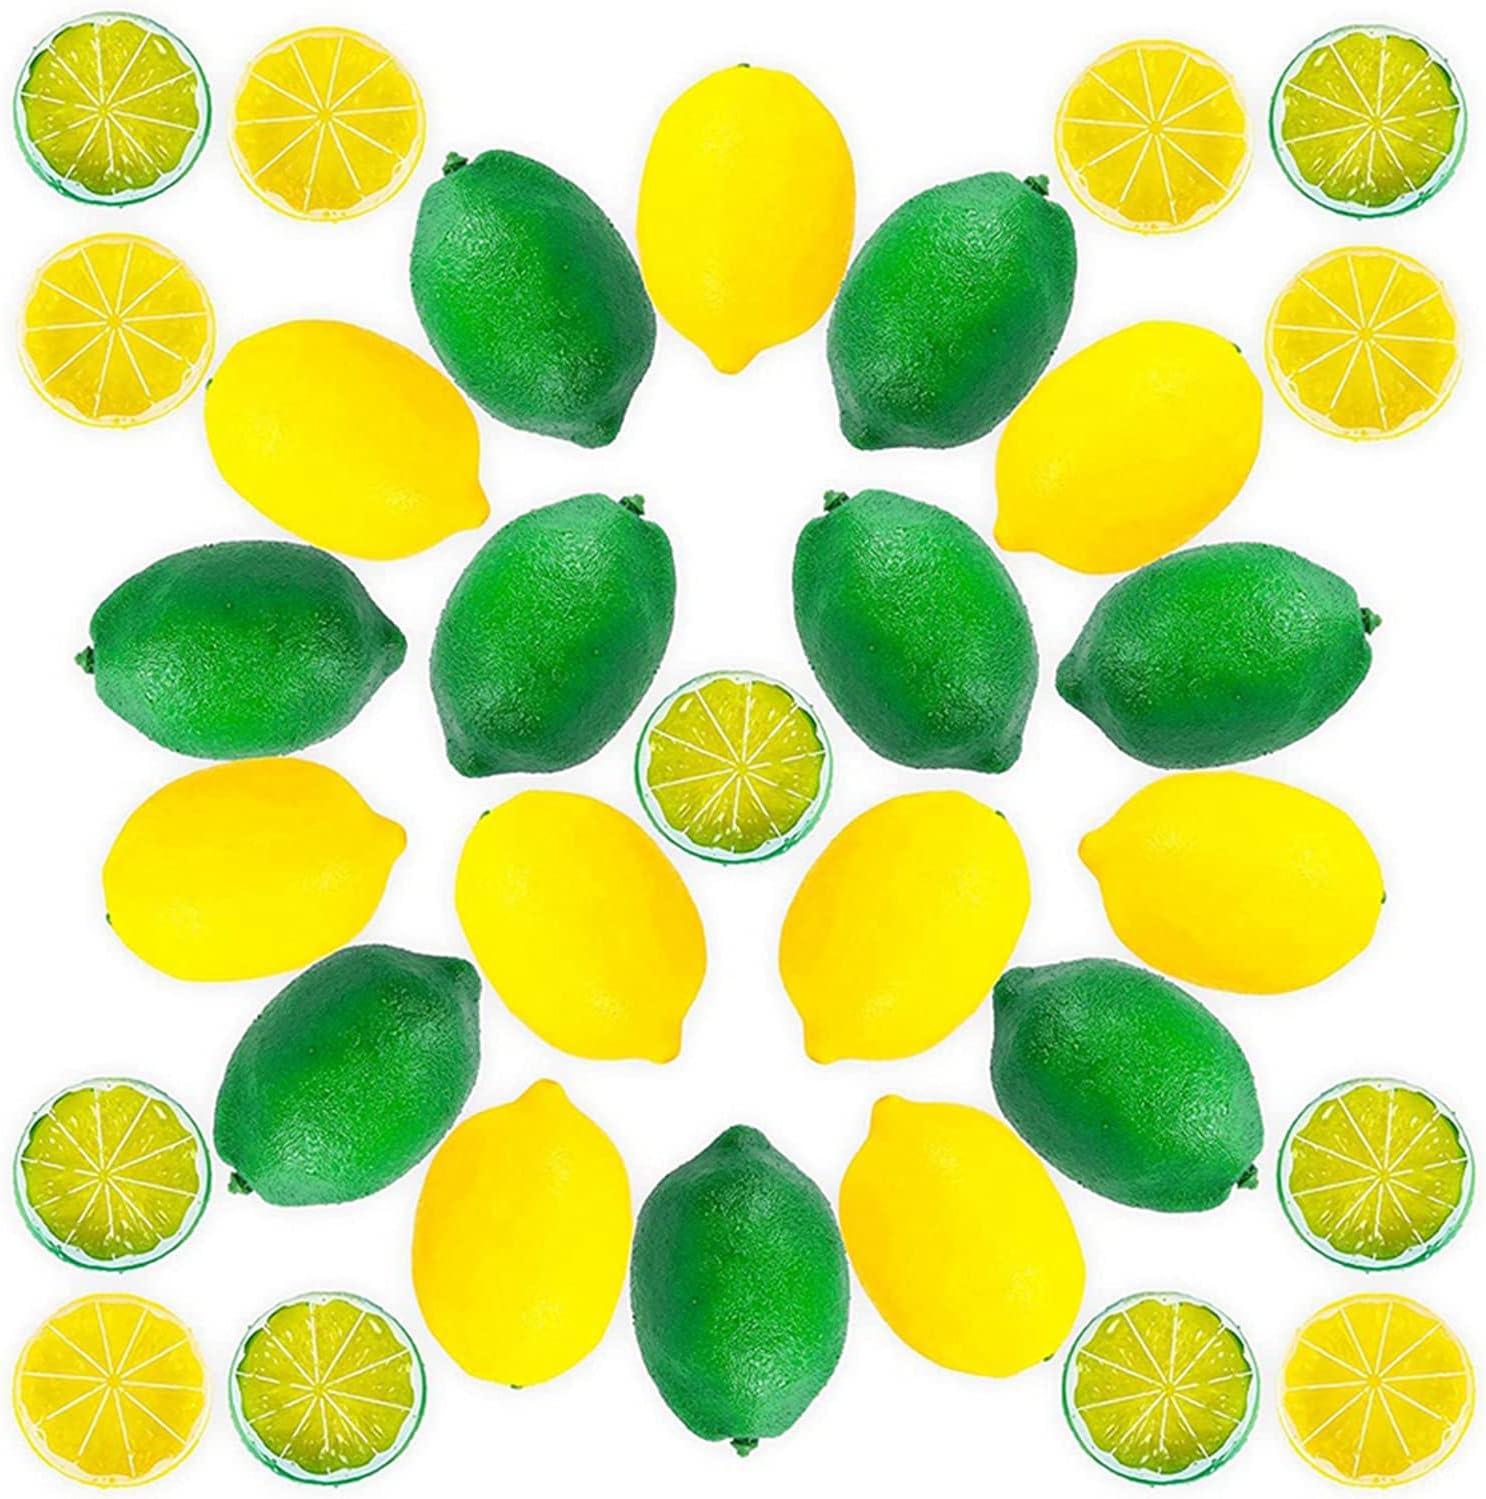 Genuine Fake Lemons Limes Set L Manufacturer OFFicial shop Artificial 12Pcs Fruit